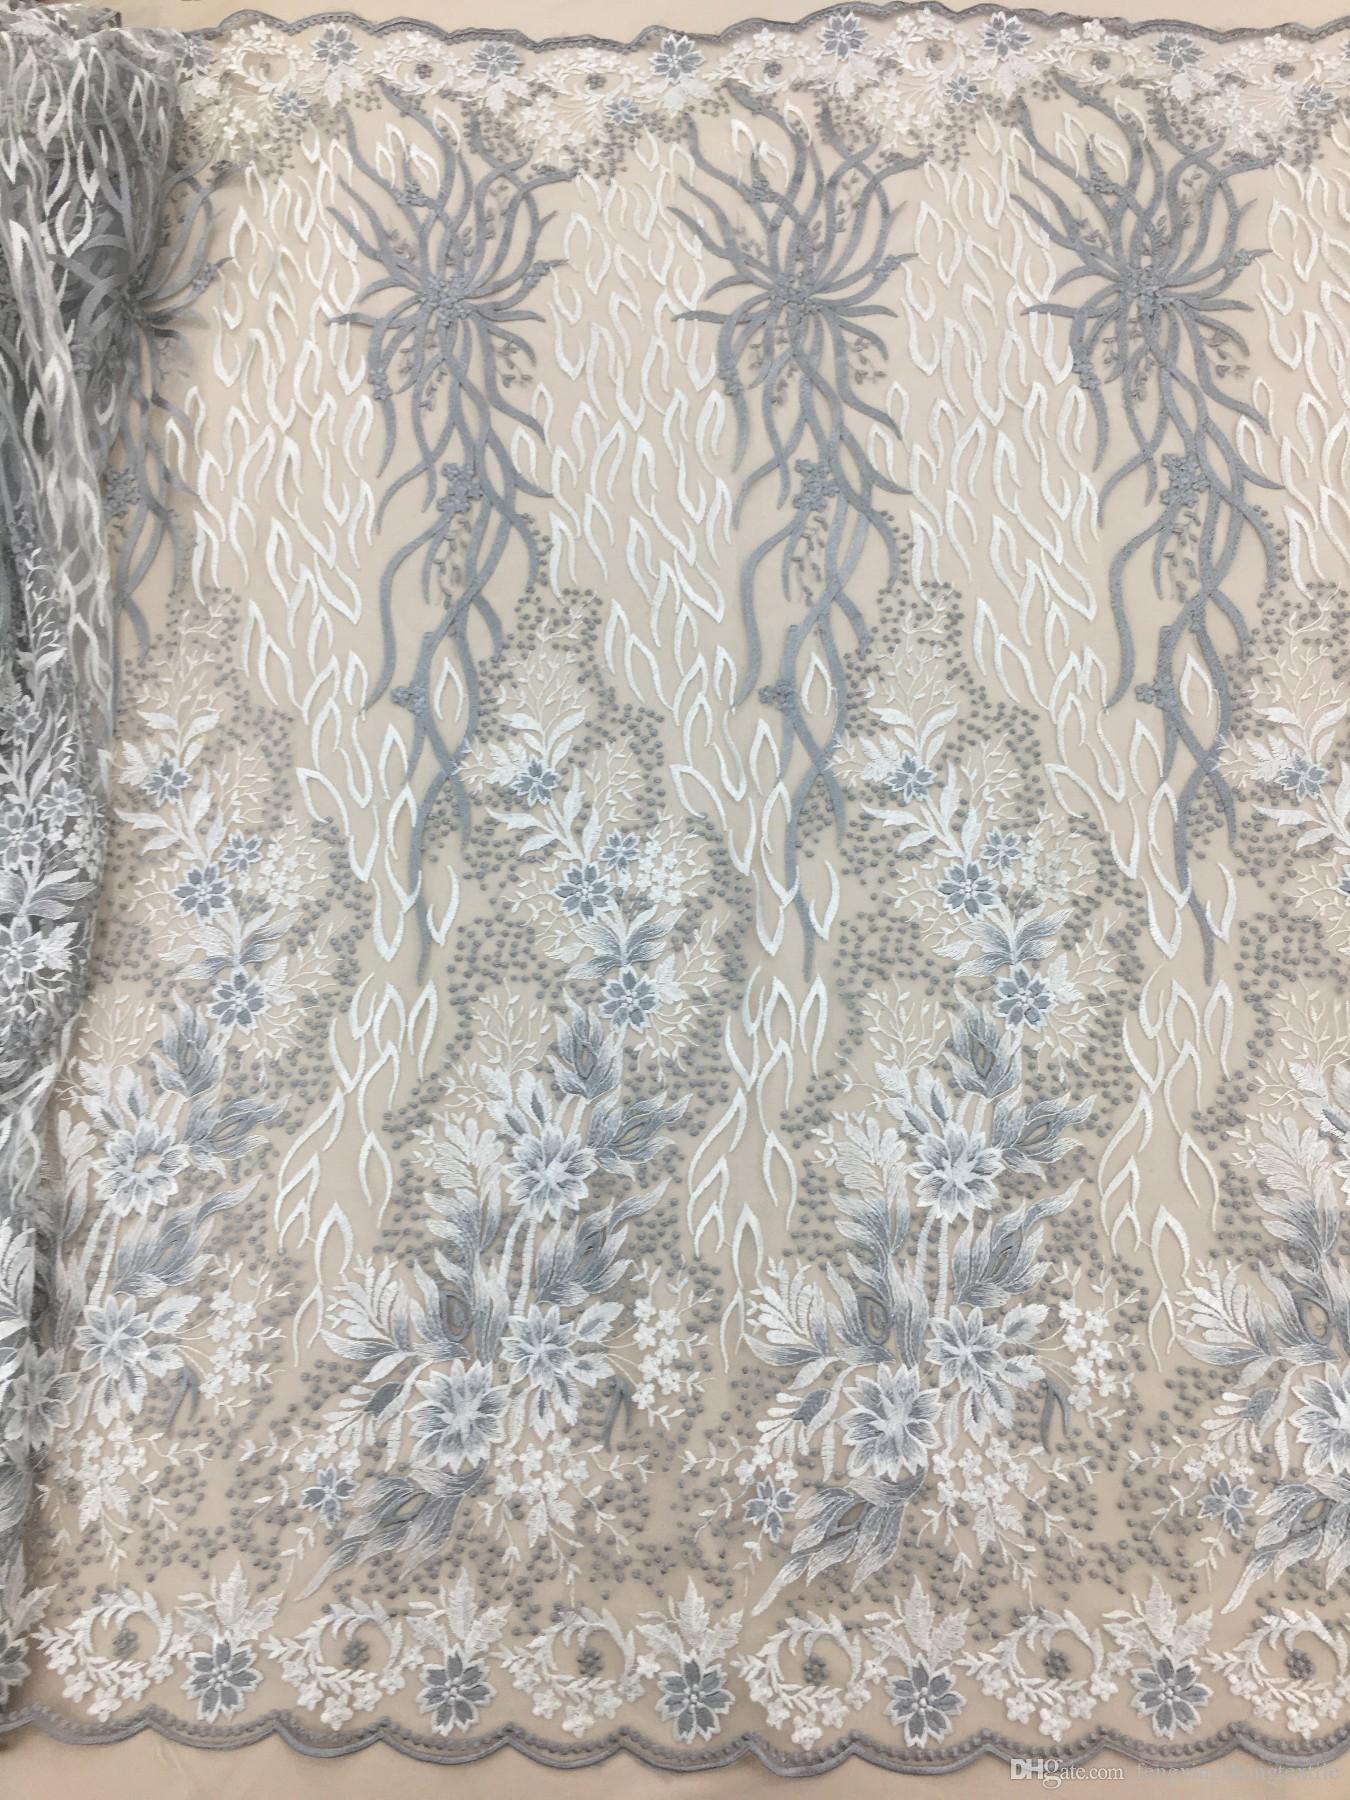 2018 nouveau style robe de mariage en dentelle tissu robes de mariée de haute qualité tissu broderie fleur dentelle Applique robe de soirée tulle dentelle tissu